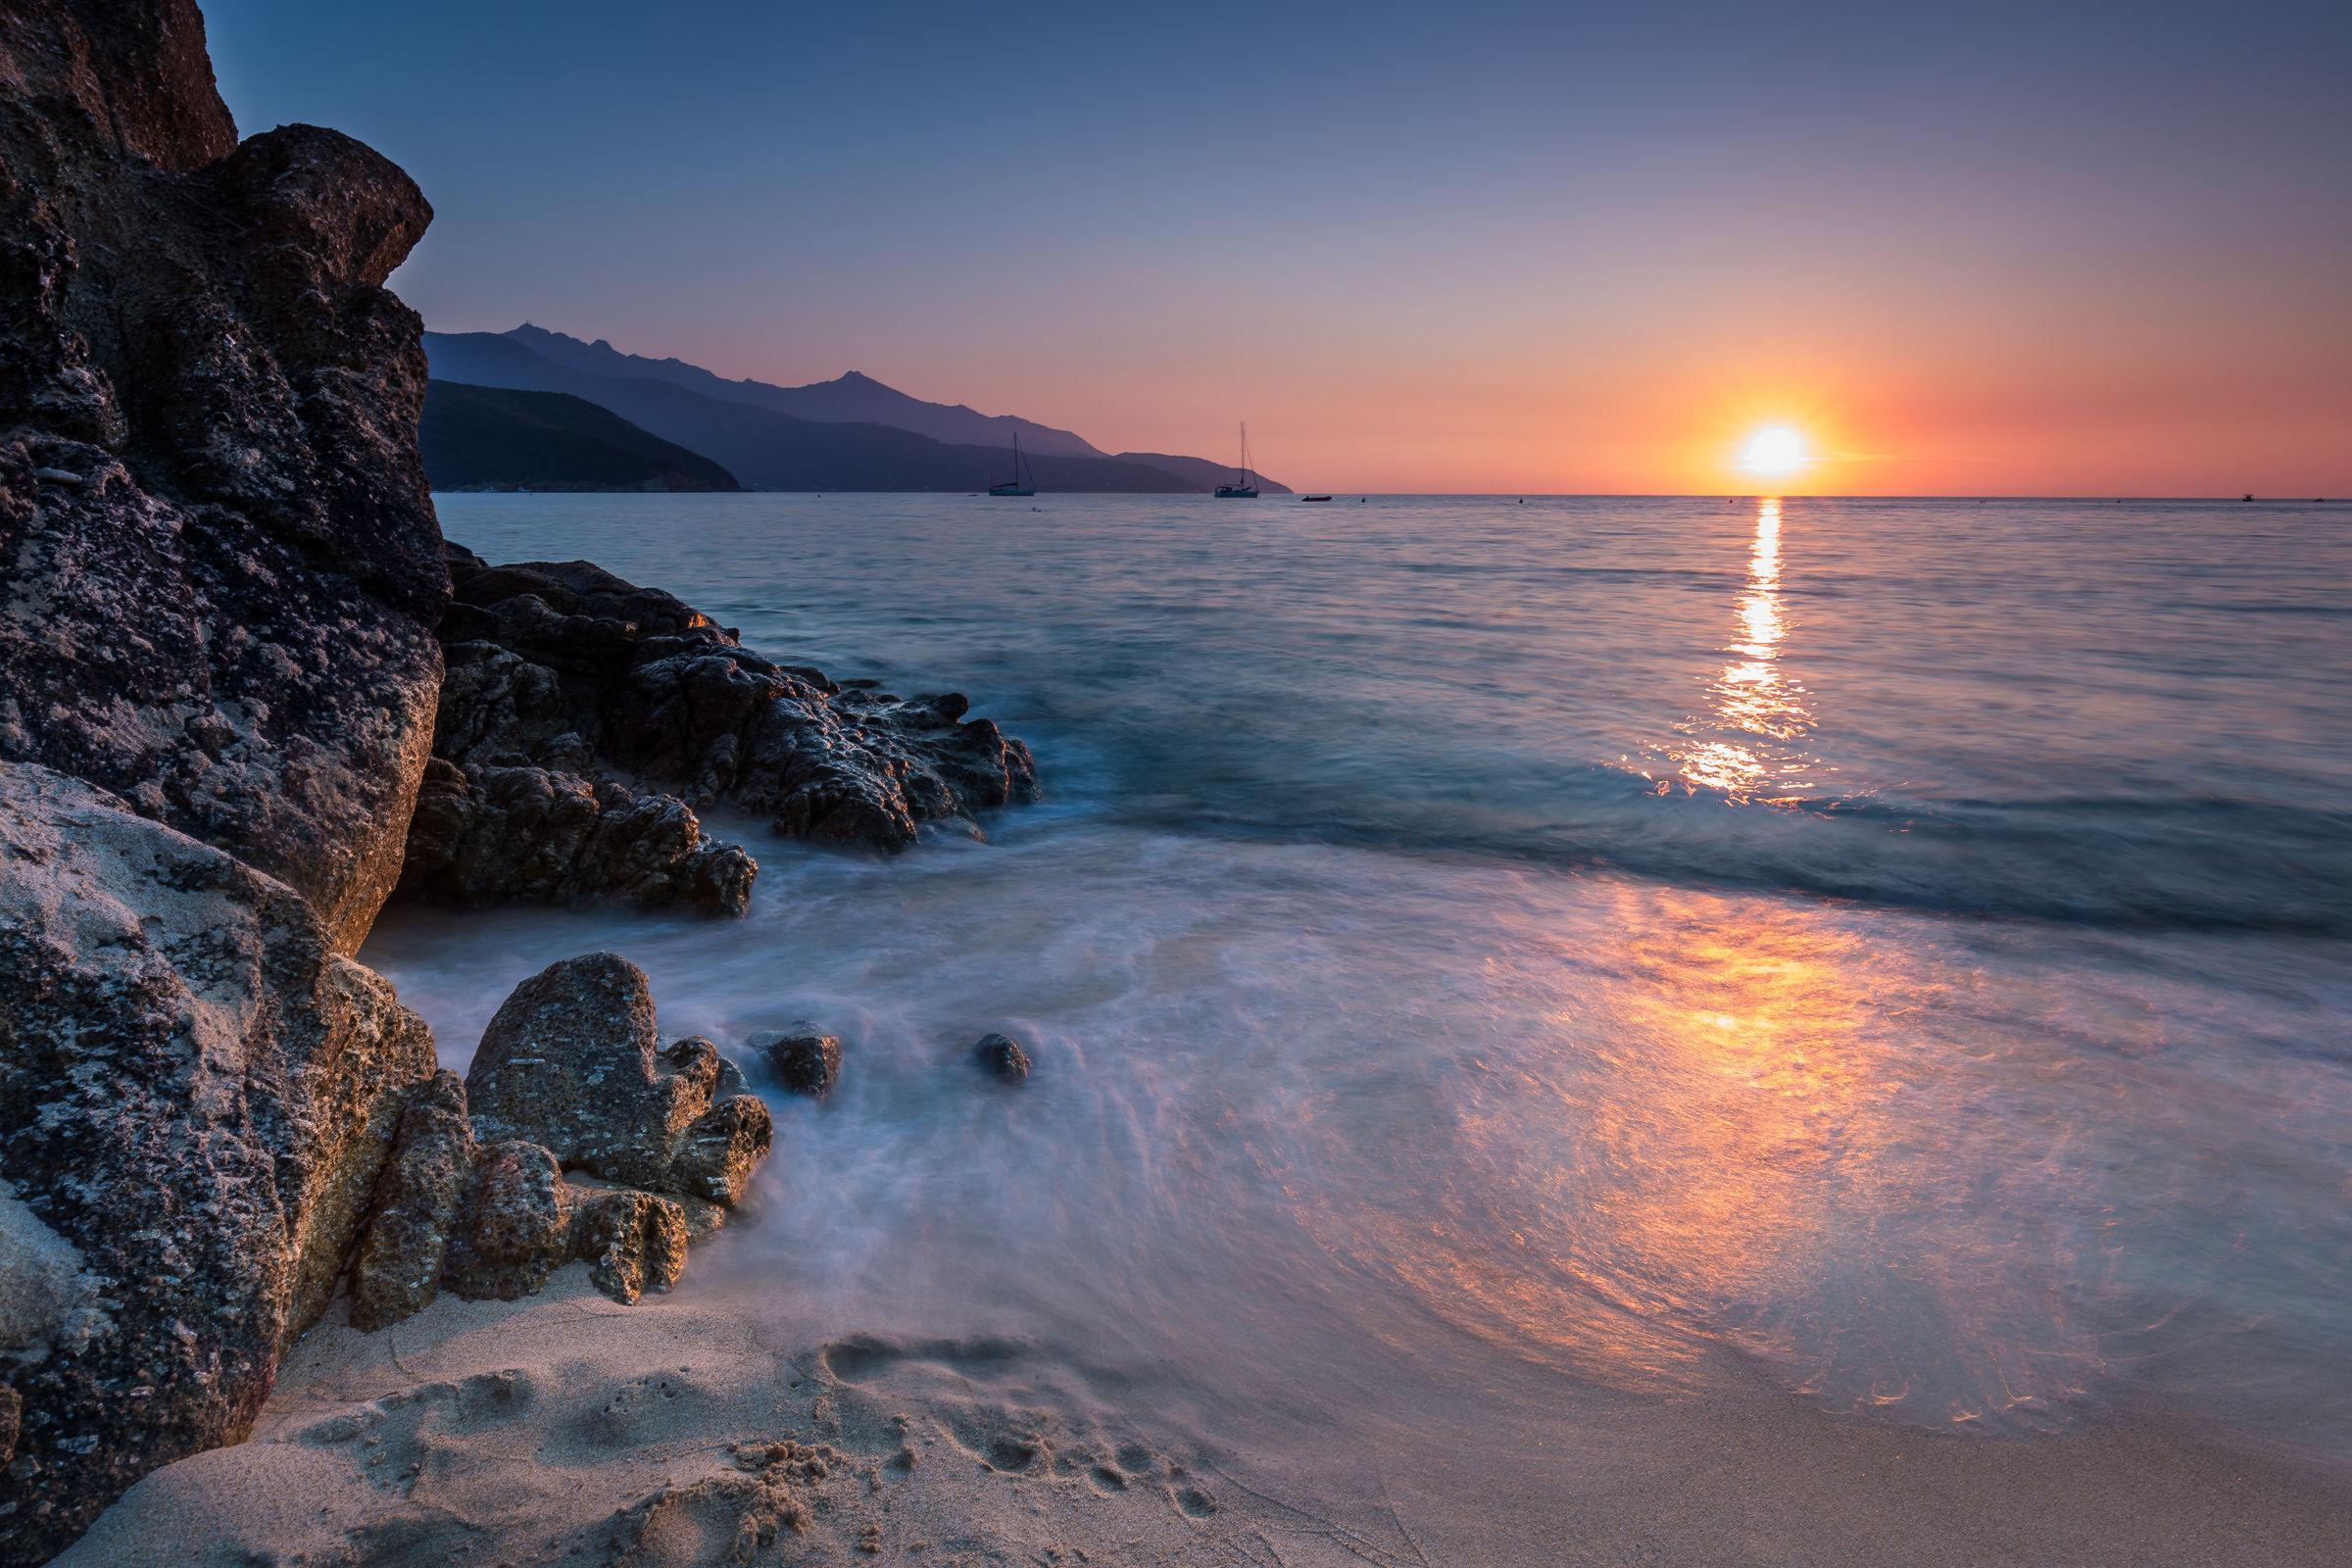 Gulf of Biodola - Elba Island...